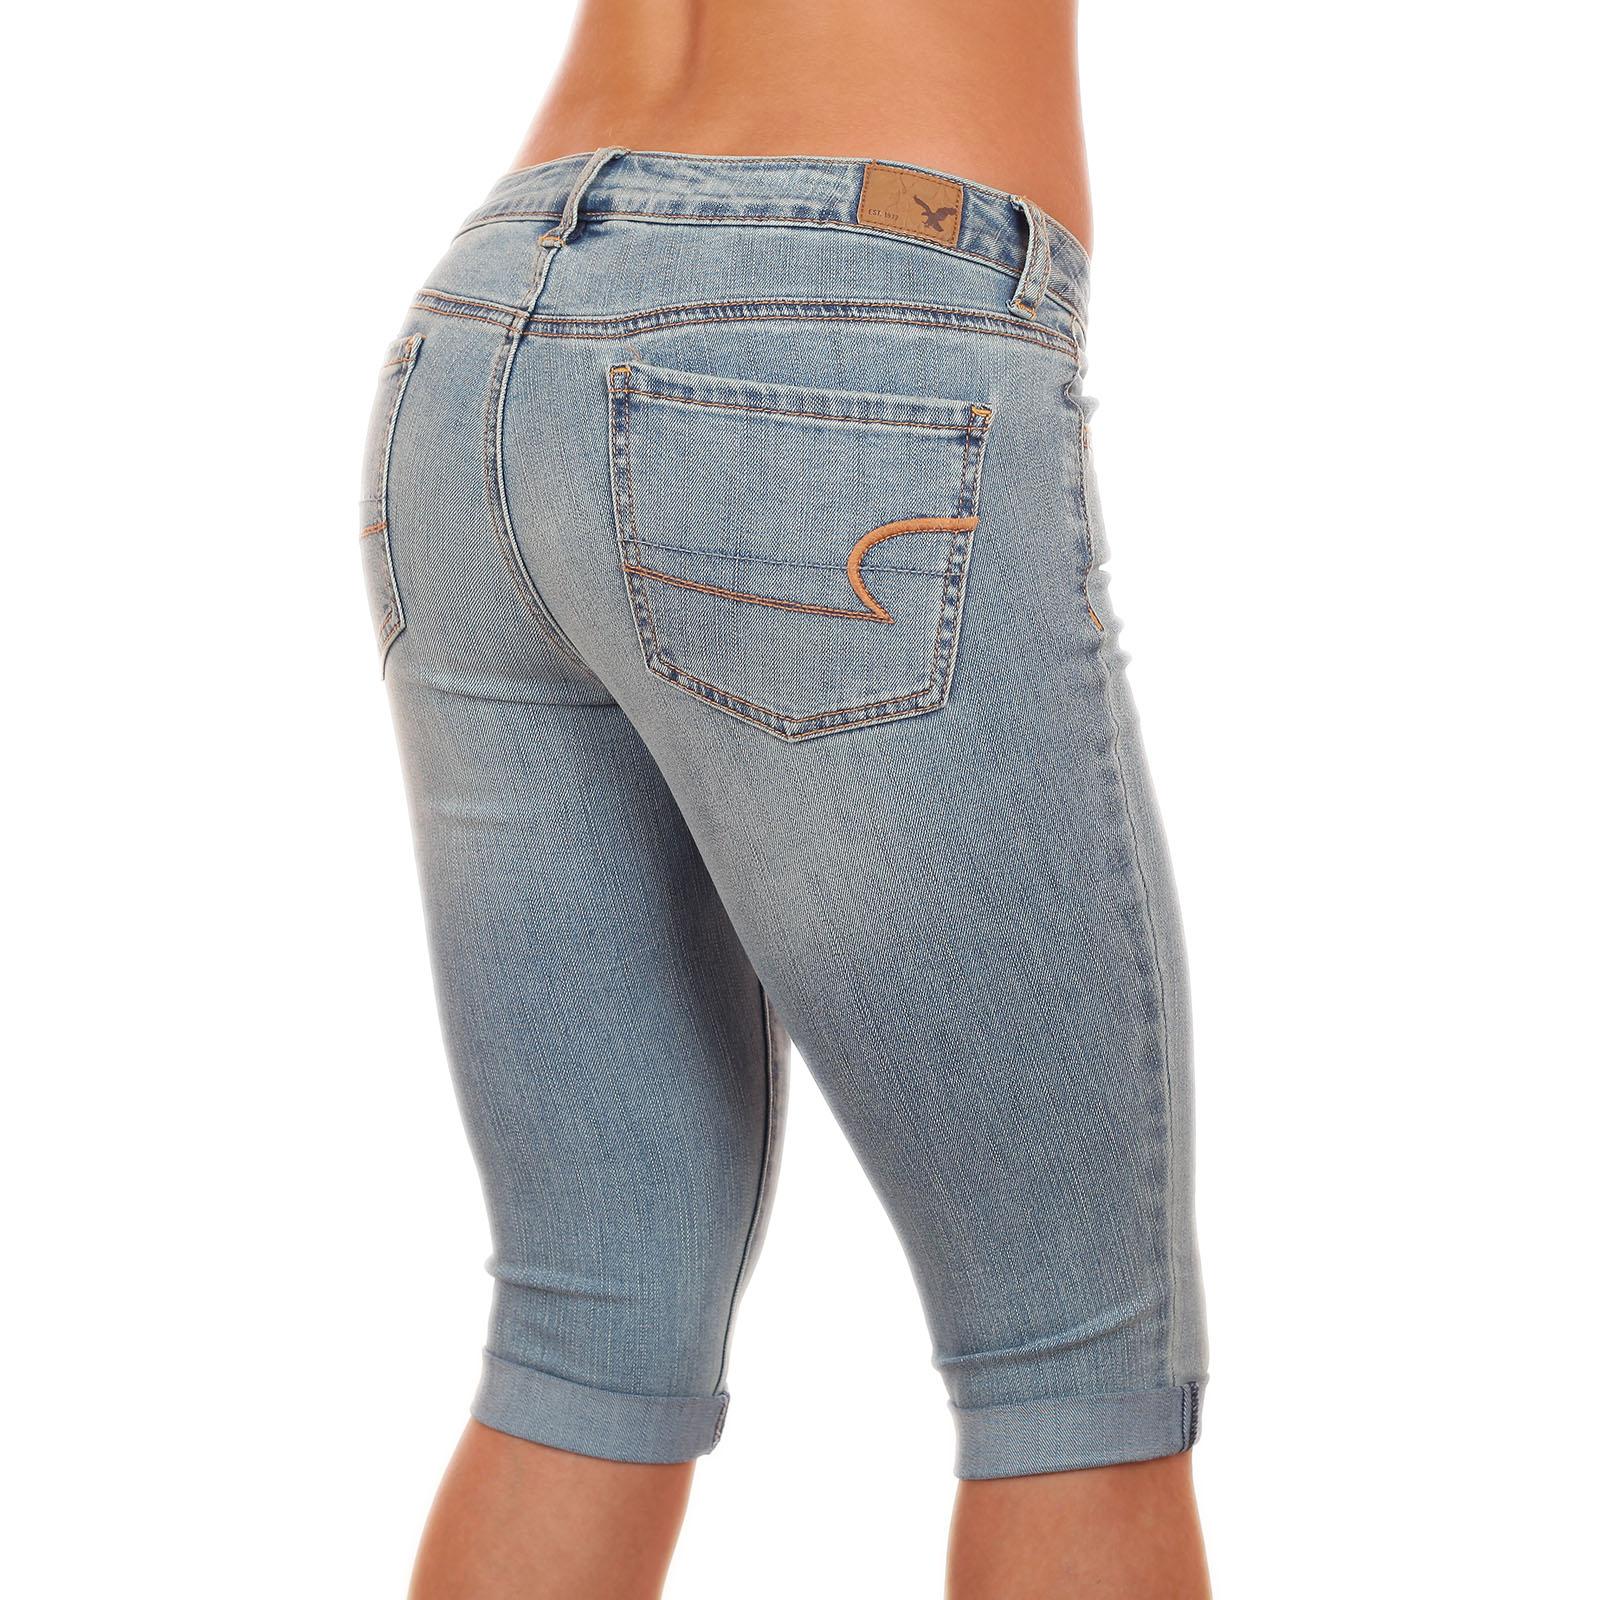 Топовые джинсовые бриджики от American Eagle®, будь неотразимой дерзкой и сексуальной этим летом! с доставкой